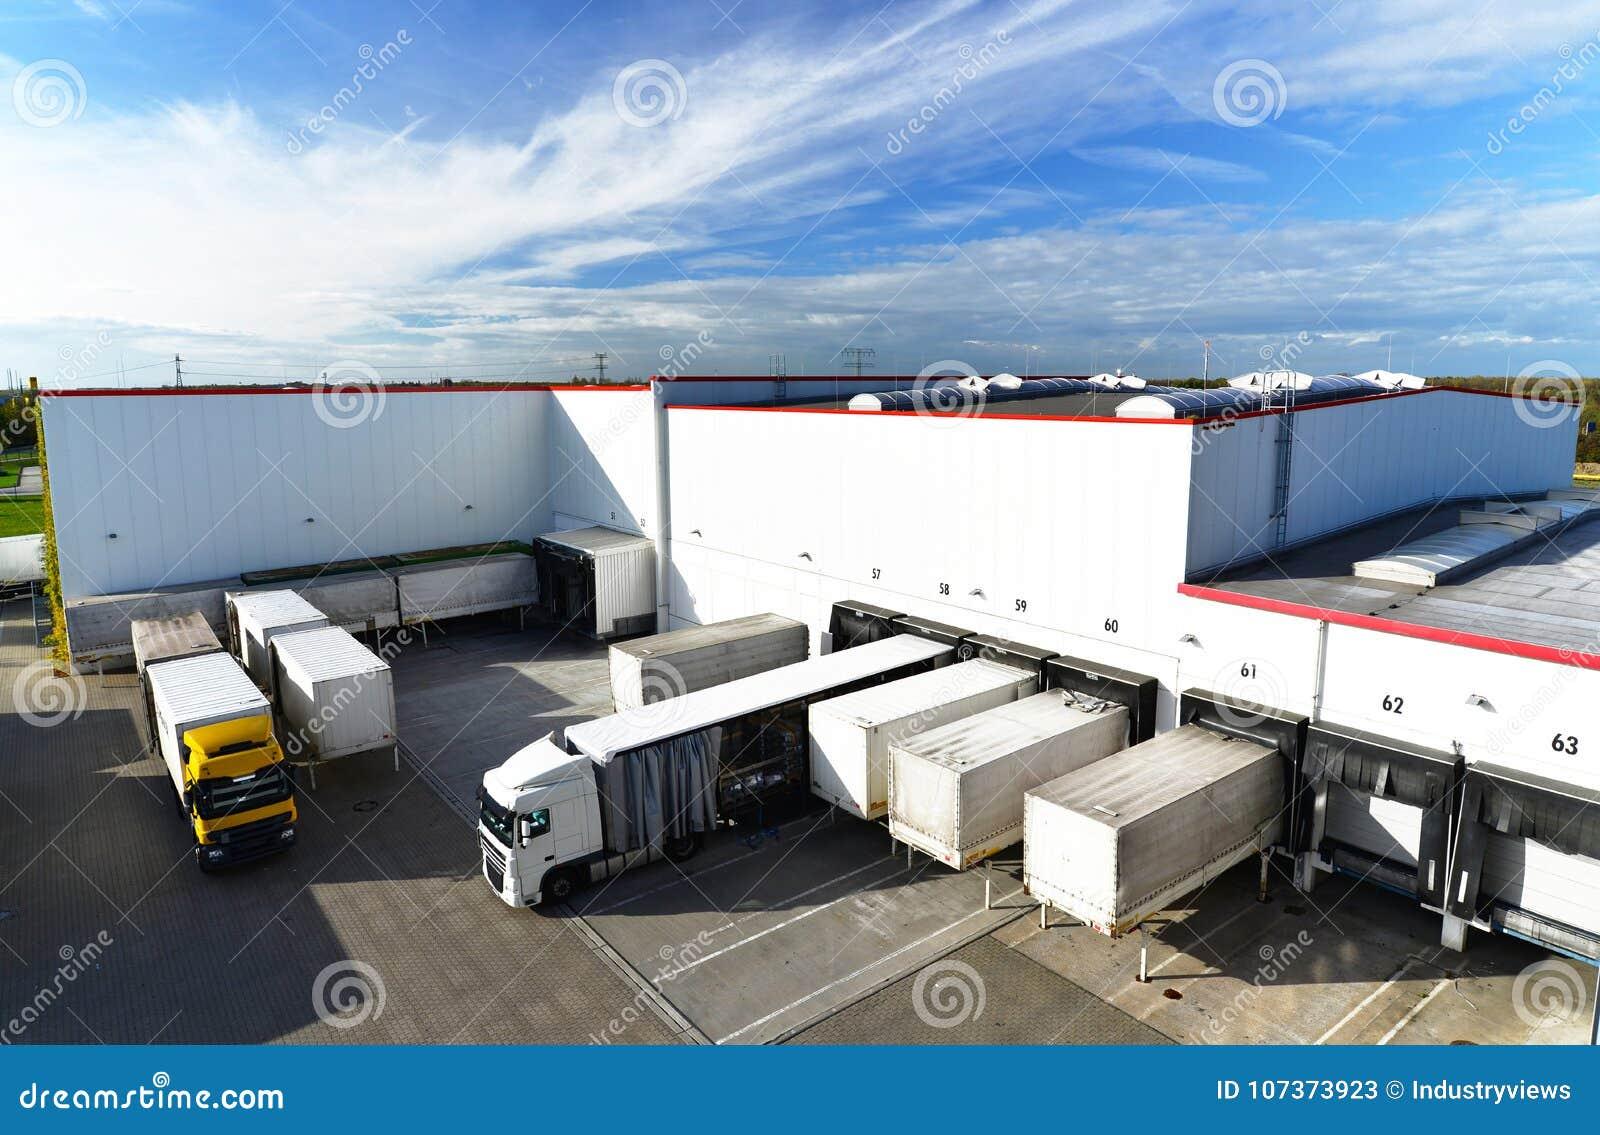 Logistique et stockage de marchandises - chargement et déchargement des marchandises pour